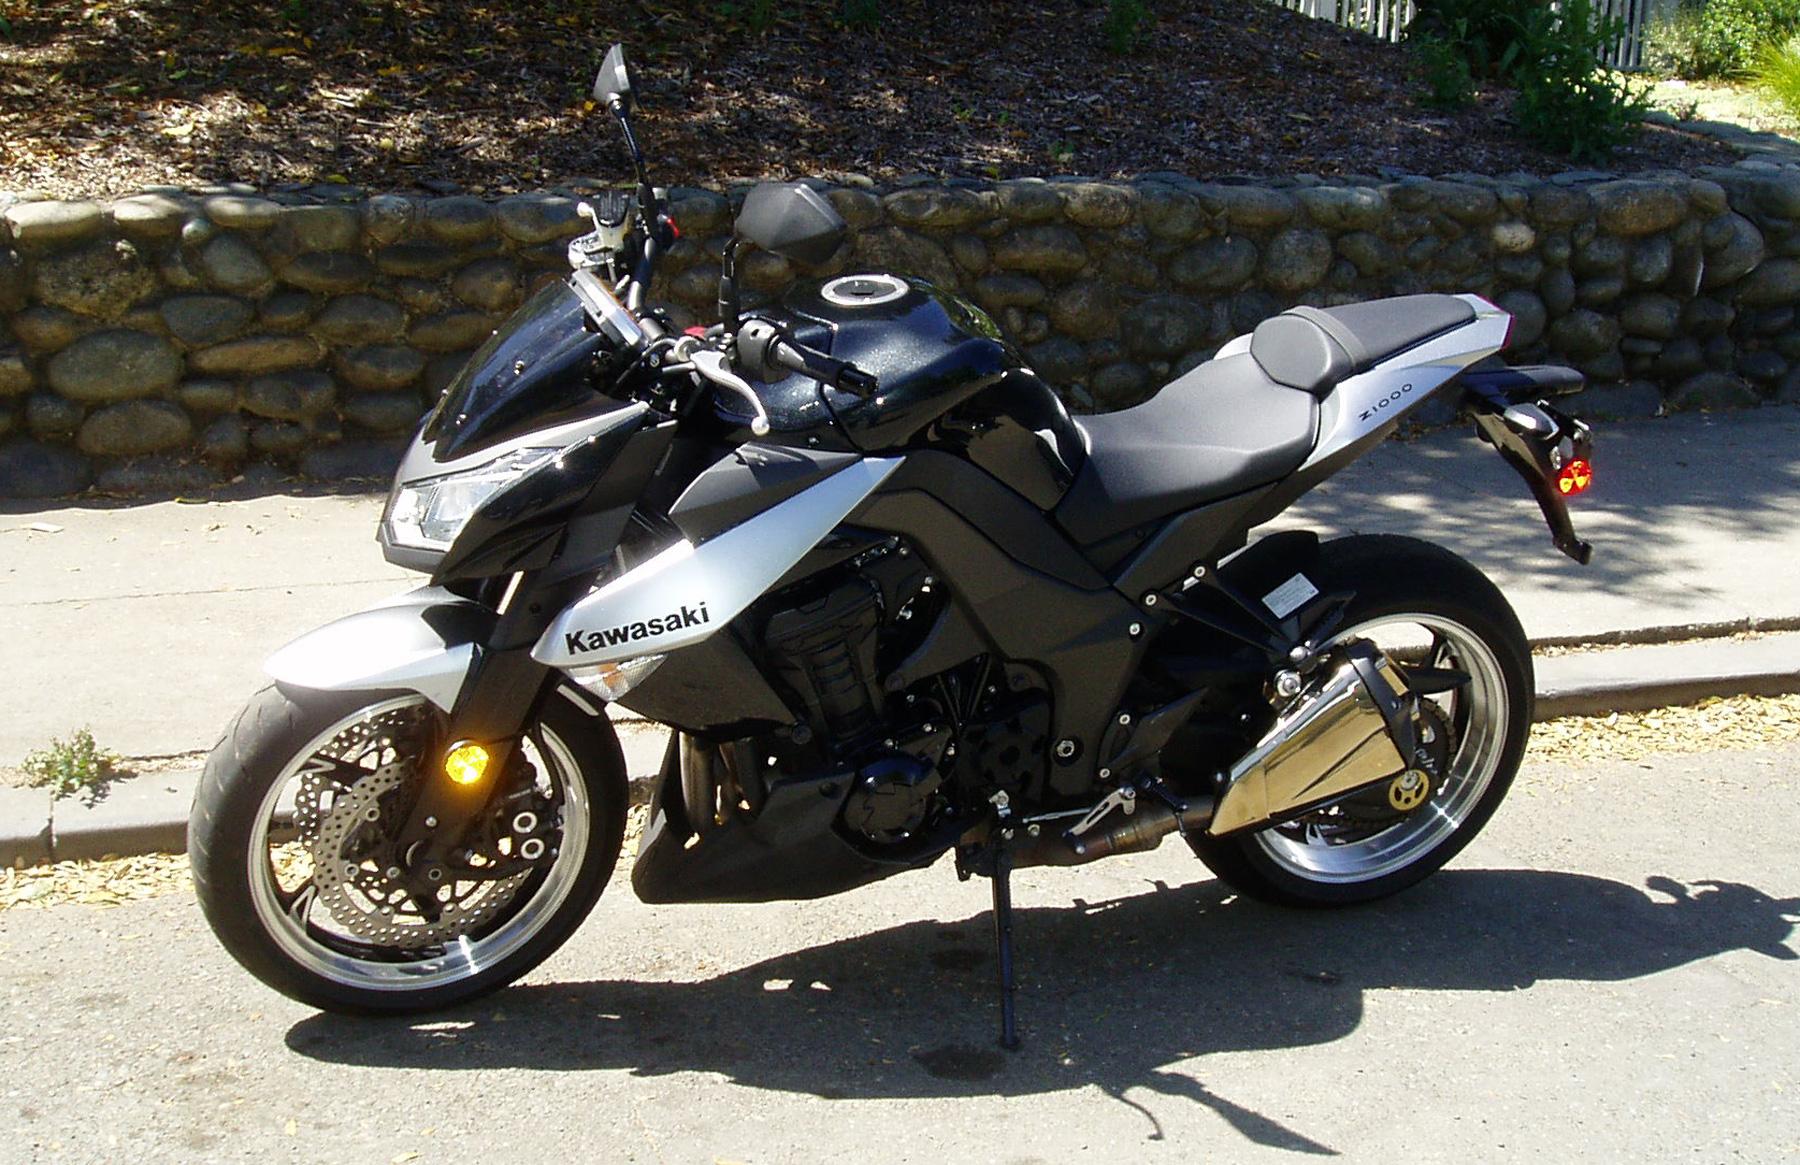 Test Ride: 2010 Kawasaki Z1000 – Our Auto Expert